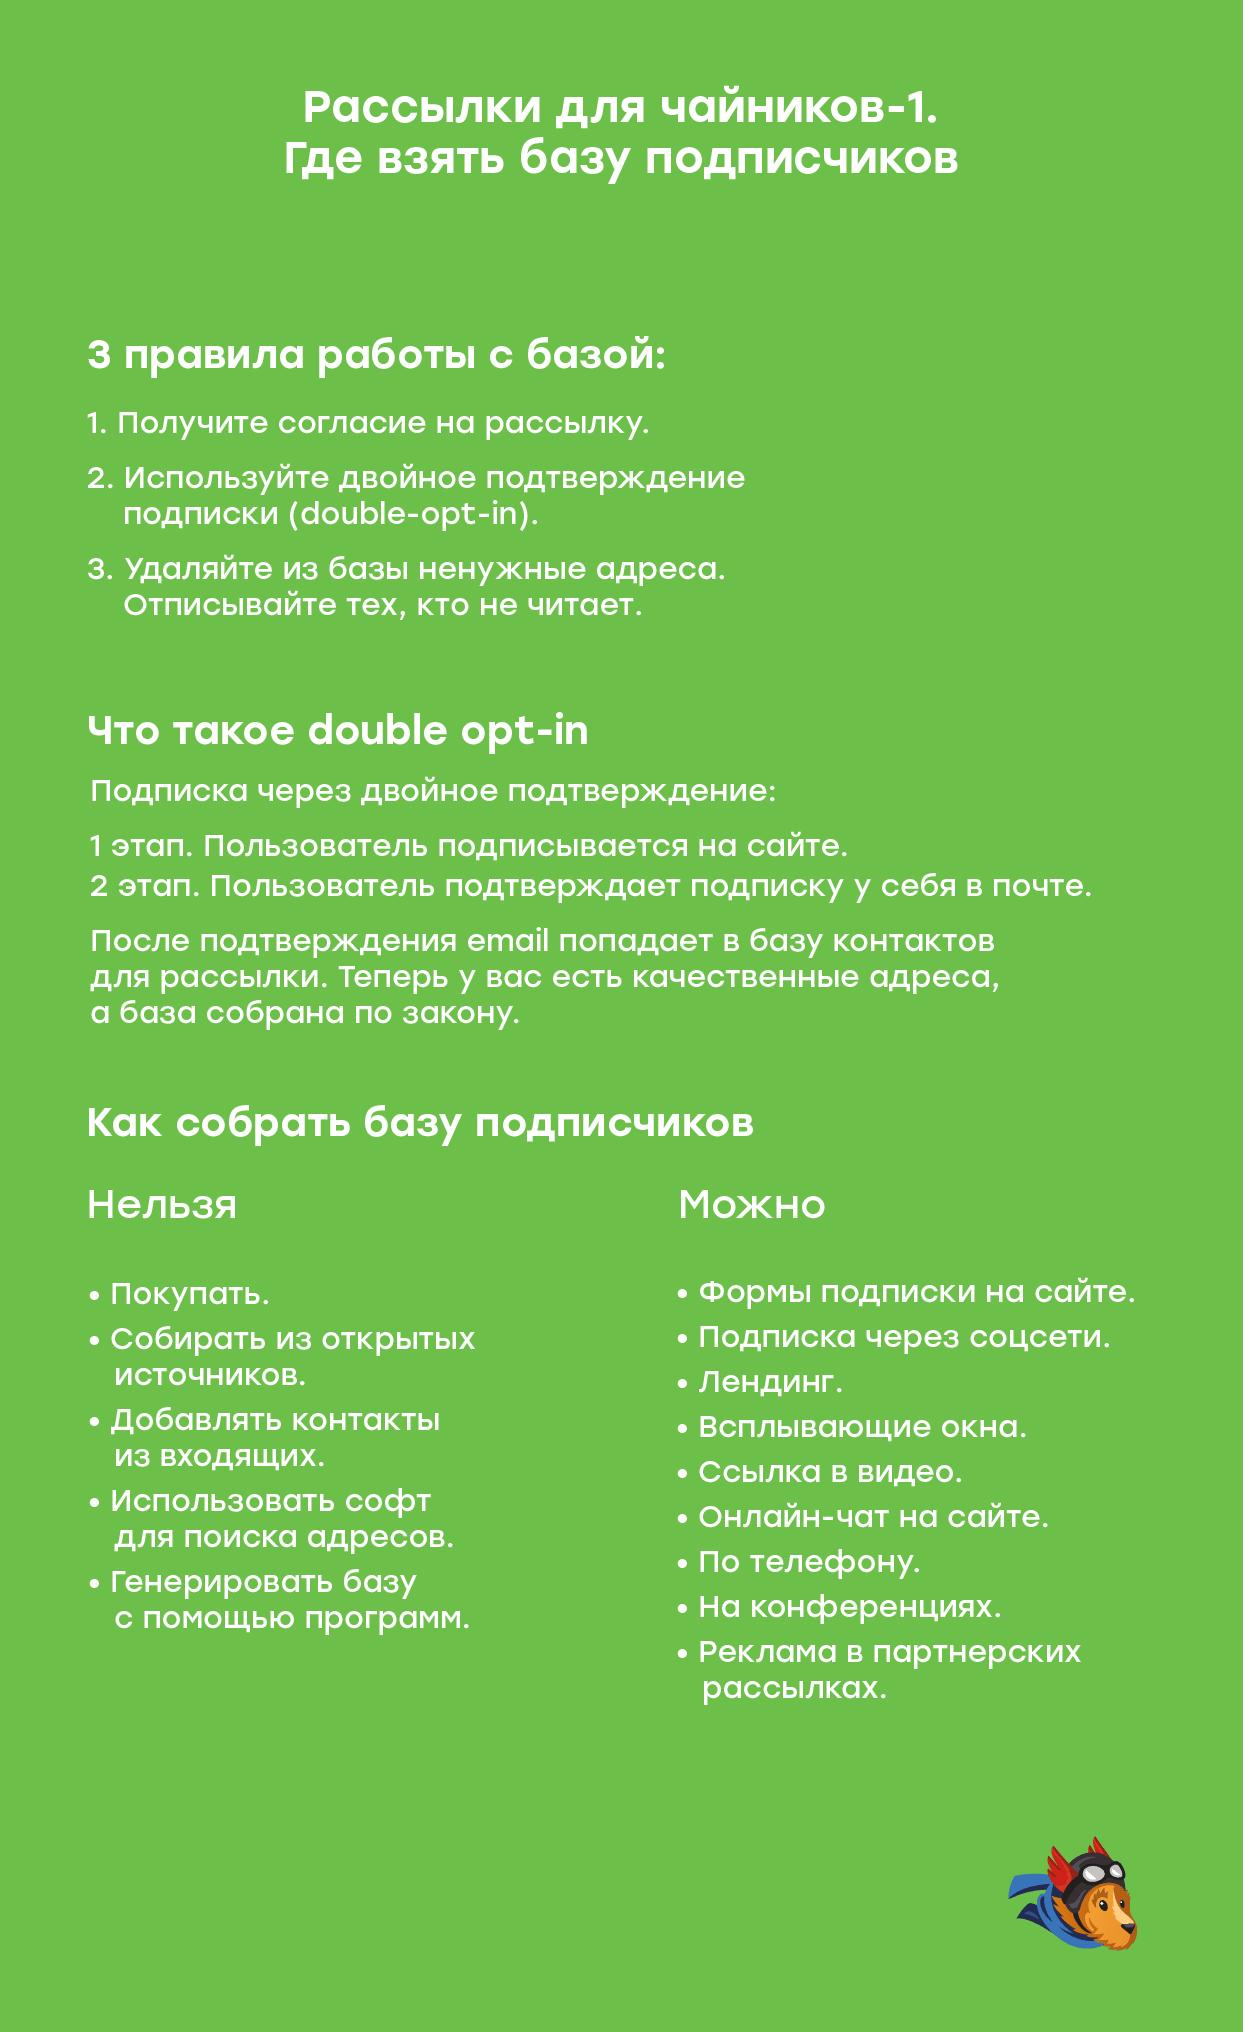 Советы по сбору базы